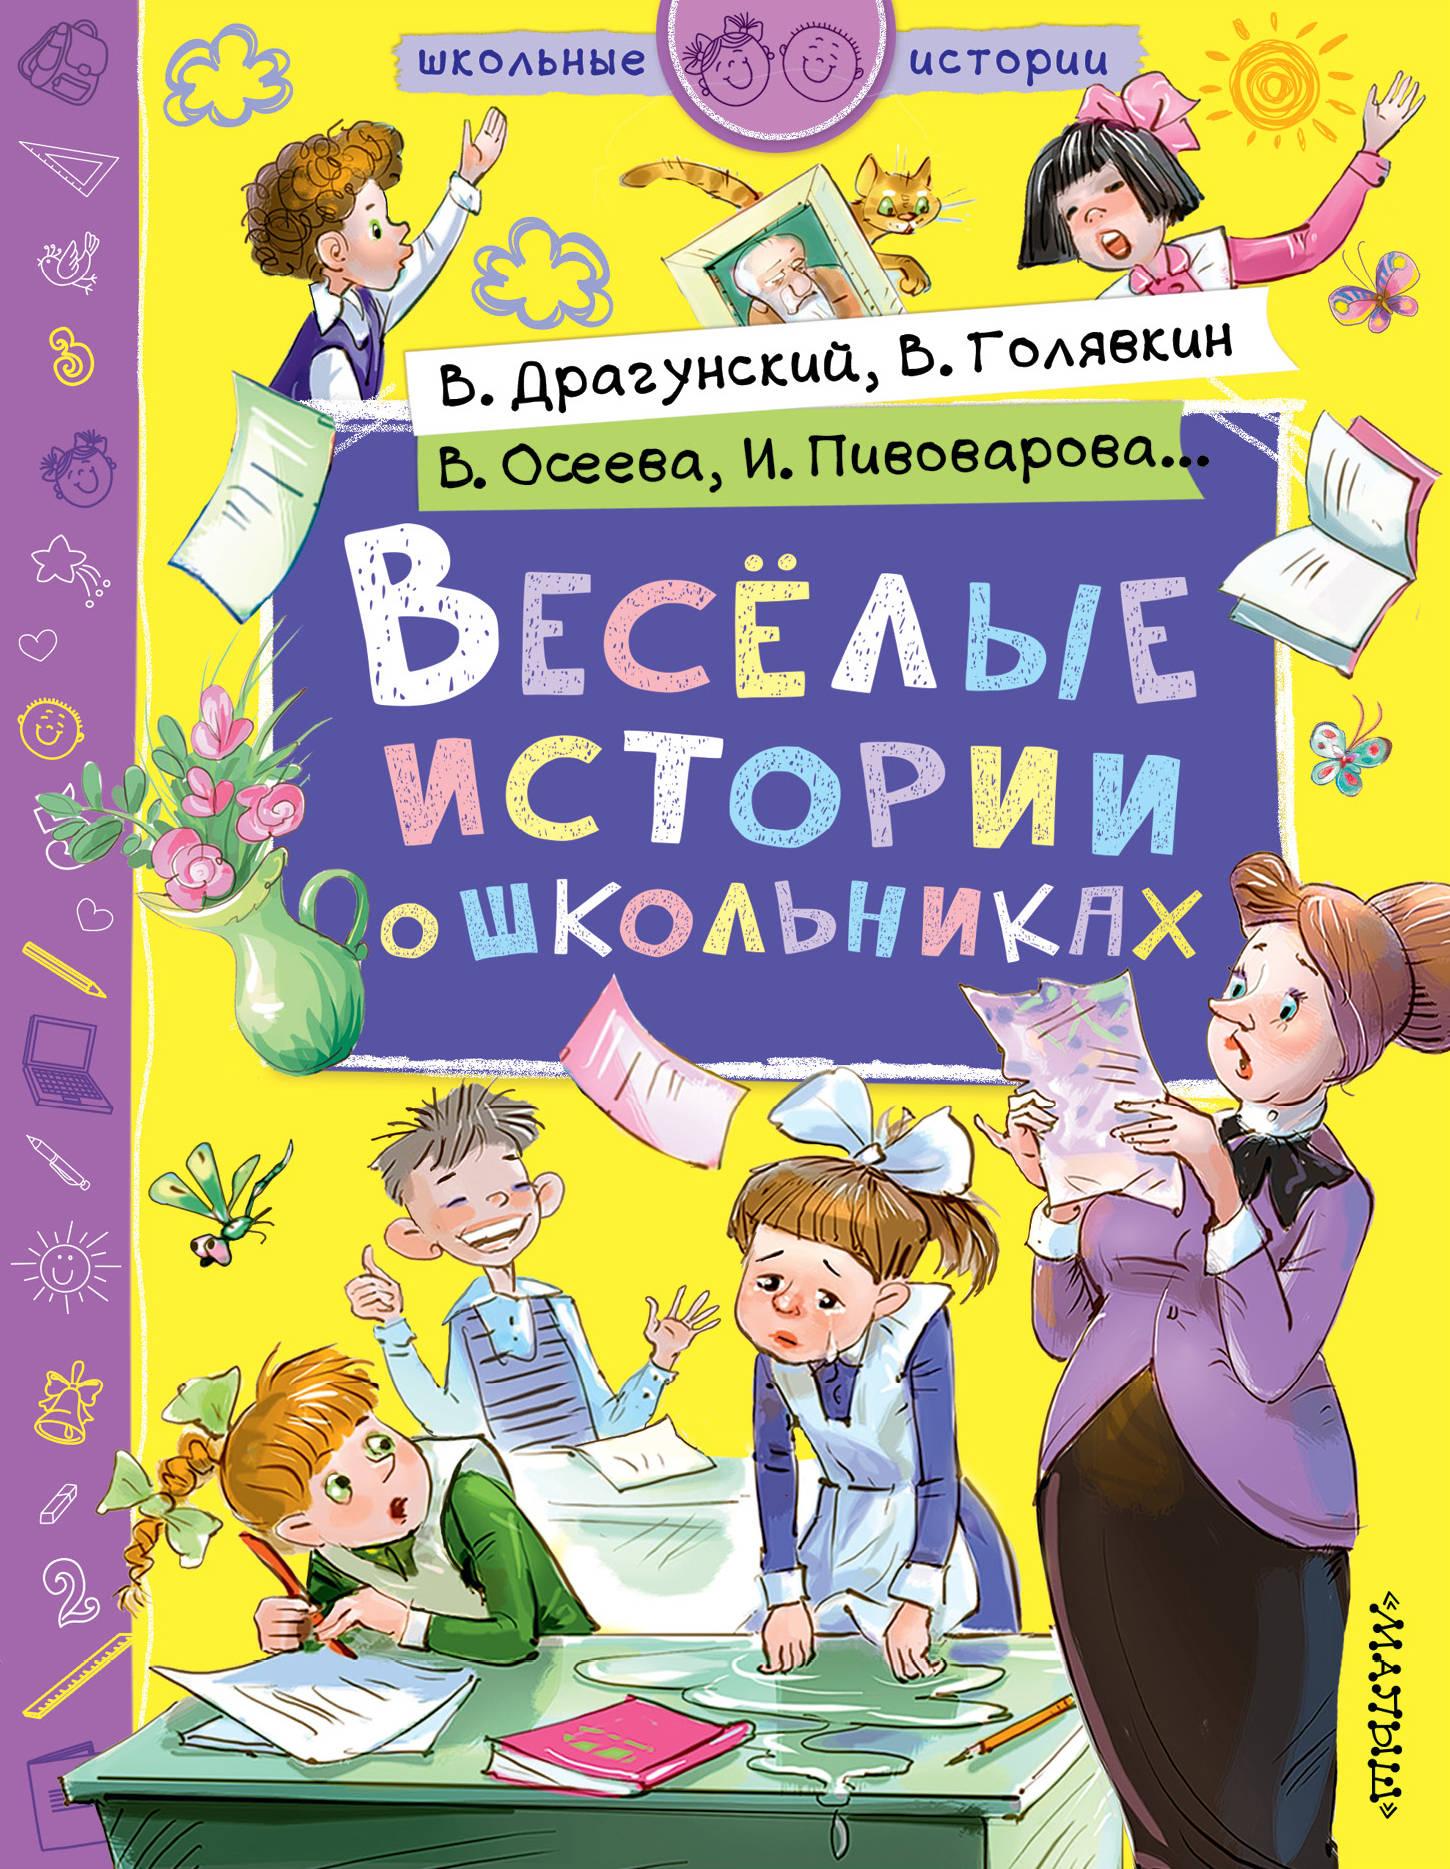 Драгунский Виктор Юзефович Веселые истории о школьниках